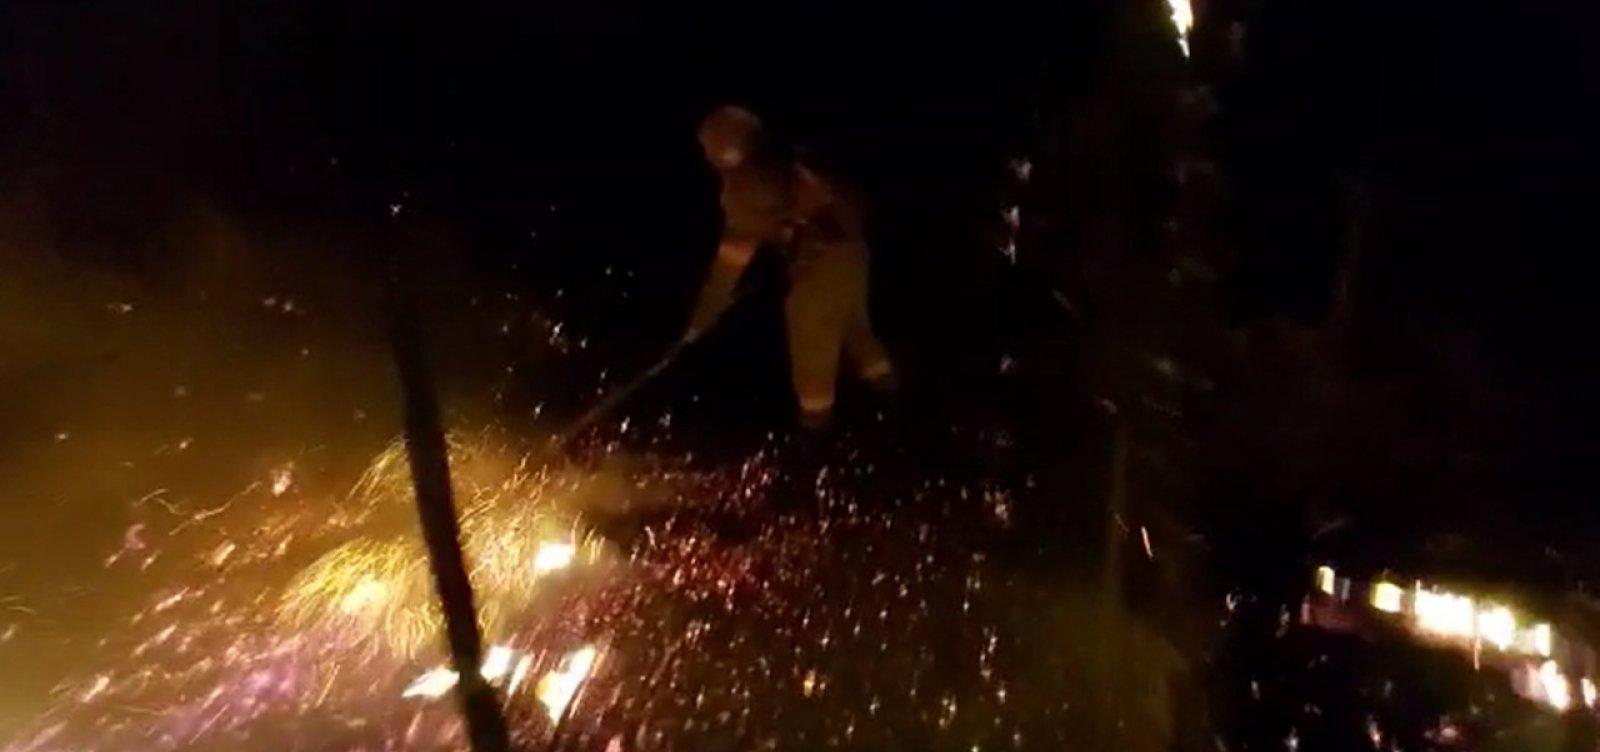 Brigadistas passam noite no combate a incêndio na Chapada